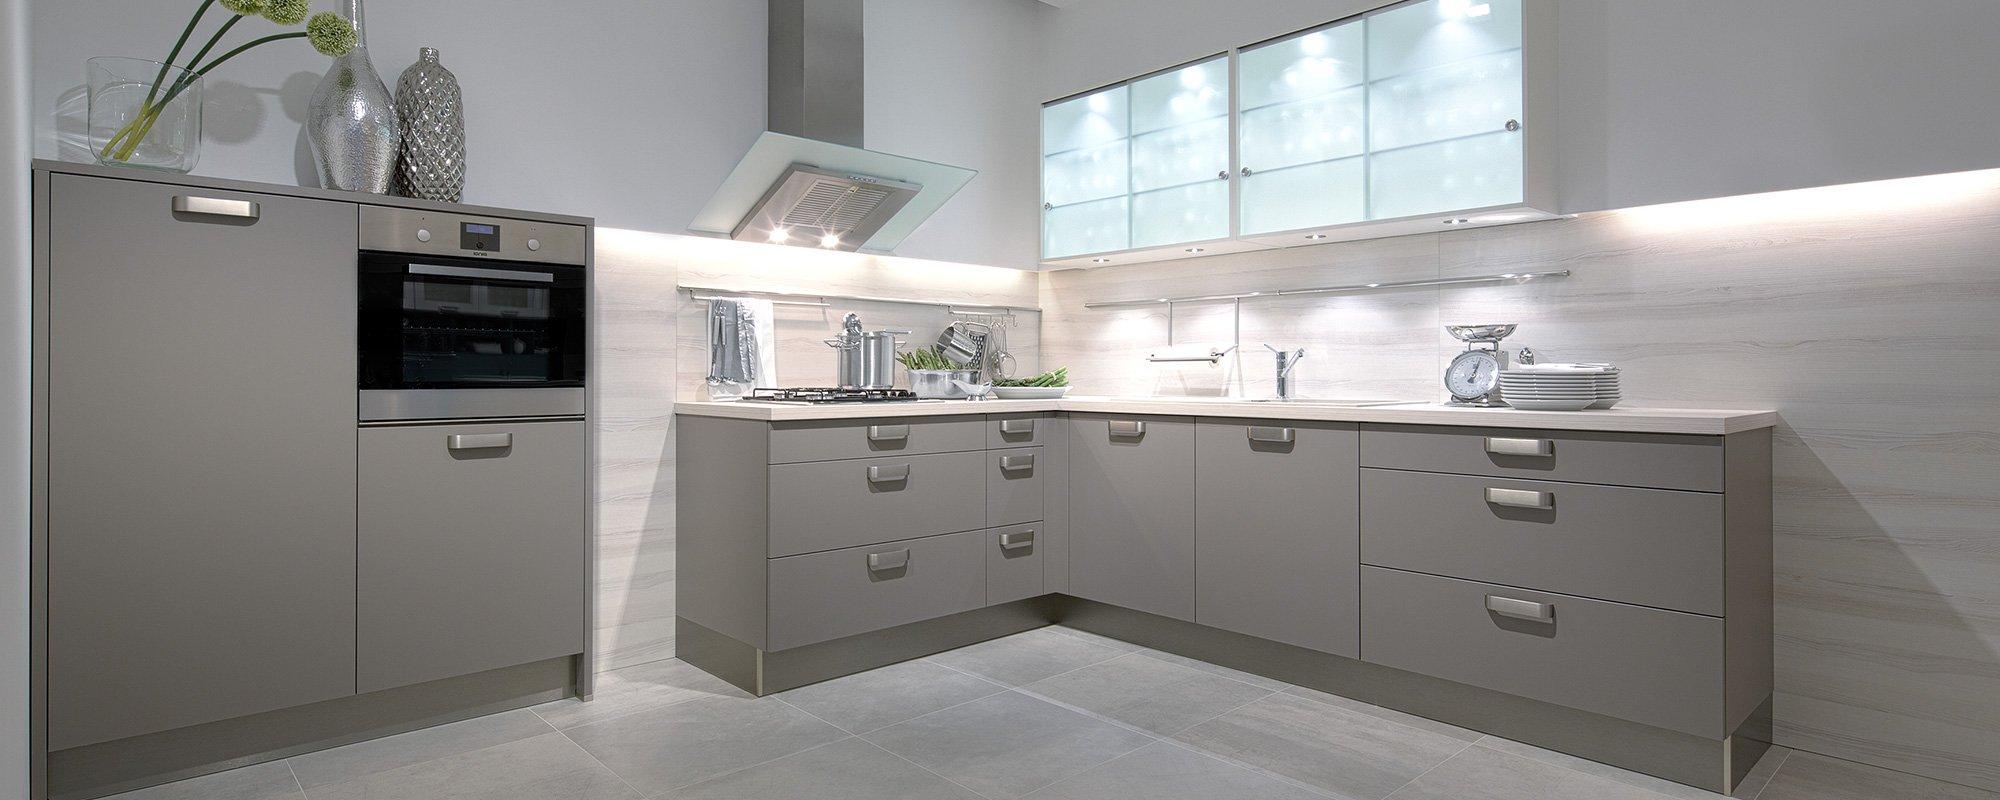 Brigitte Kitchens Kitchens In Yorkshire